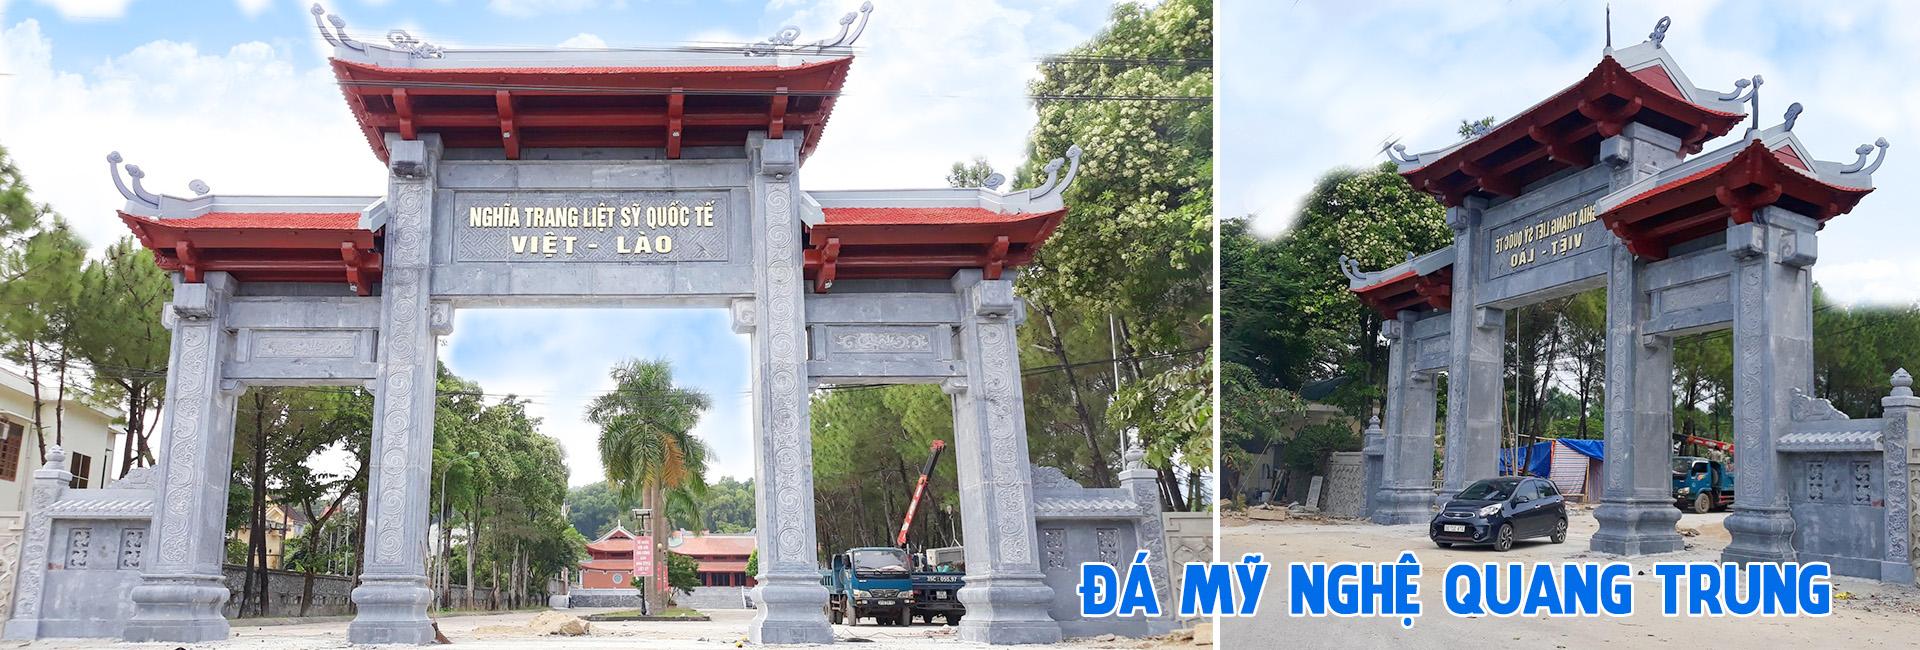 Đá mỹ nghệ Quang Trung - Cột đá